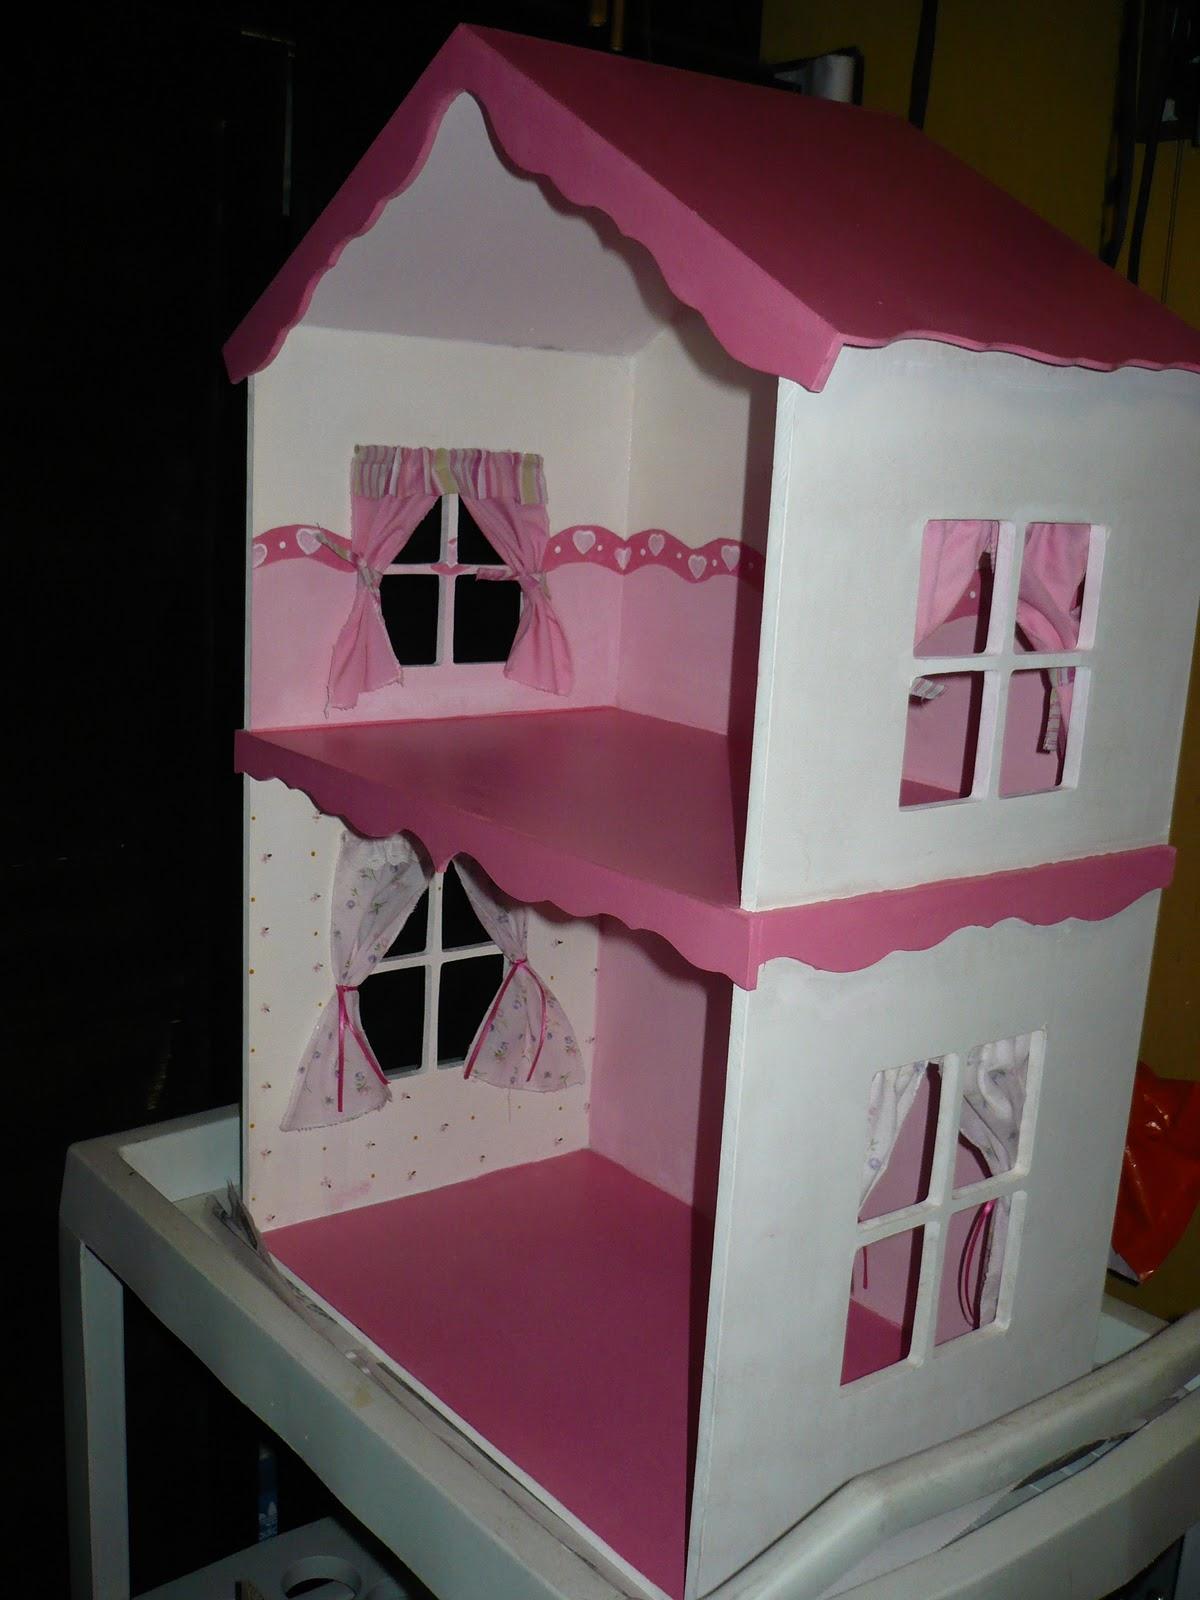 Casita De Mu Ecas En Fibrofacil Articulo Mu Ecas Casa De Mu Ecas  # Muebles Fibrofacil Para Casa Munecas